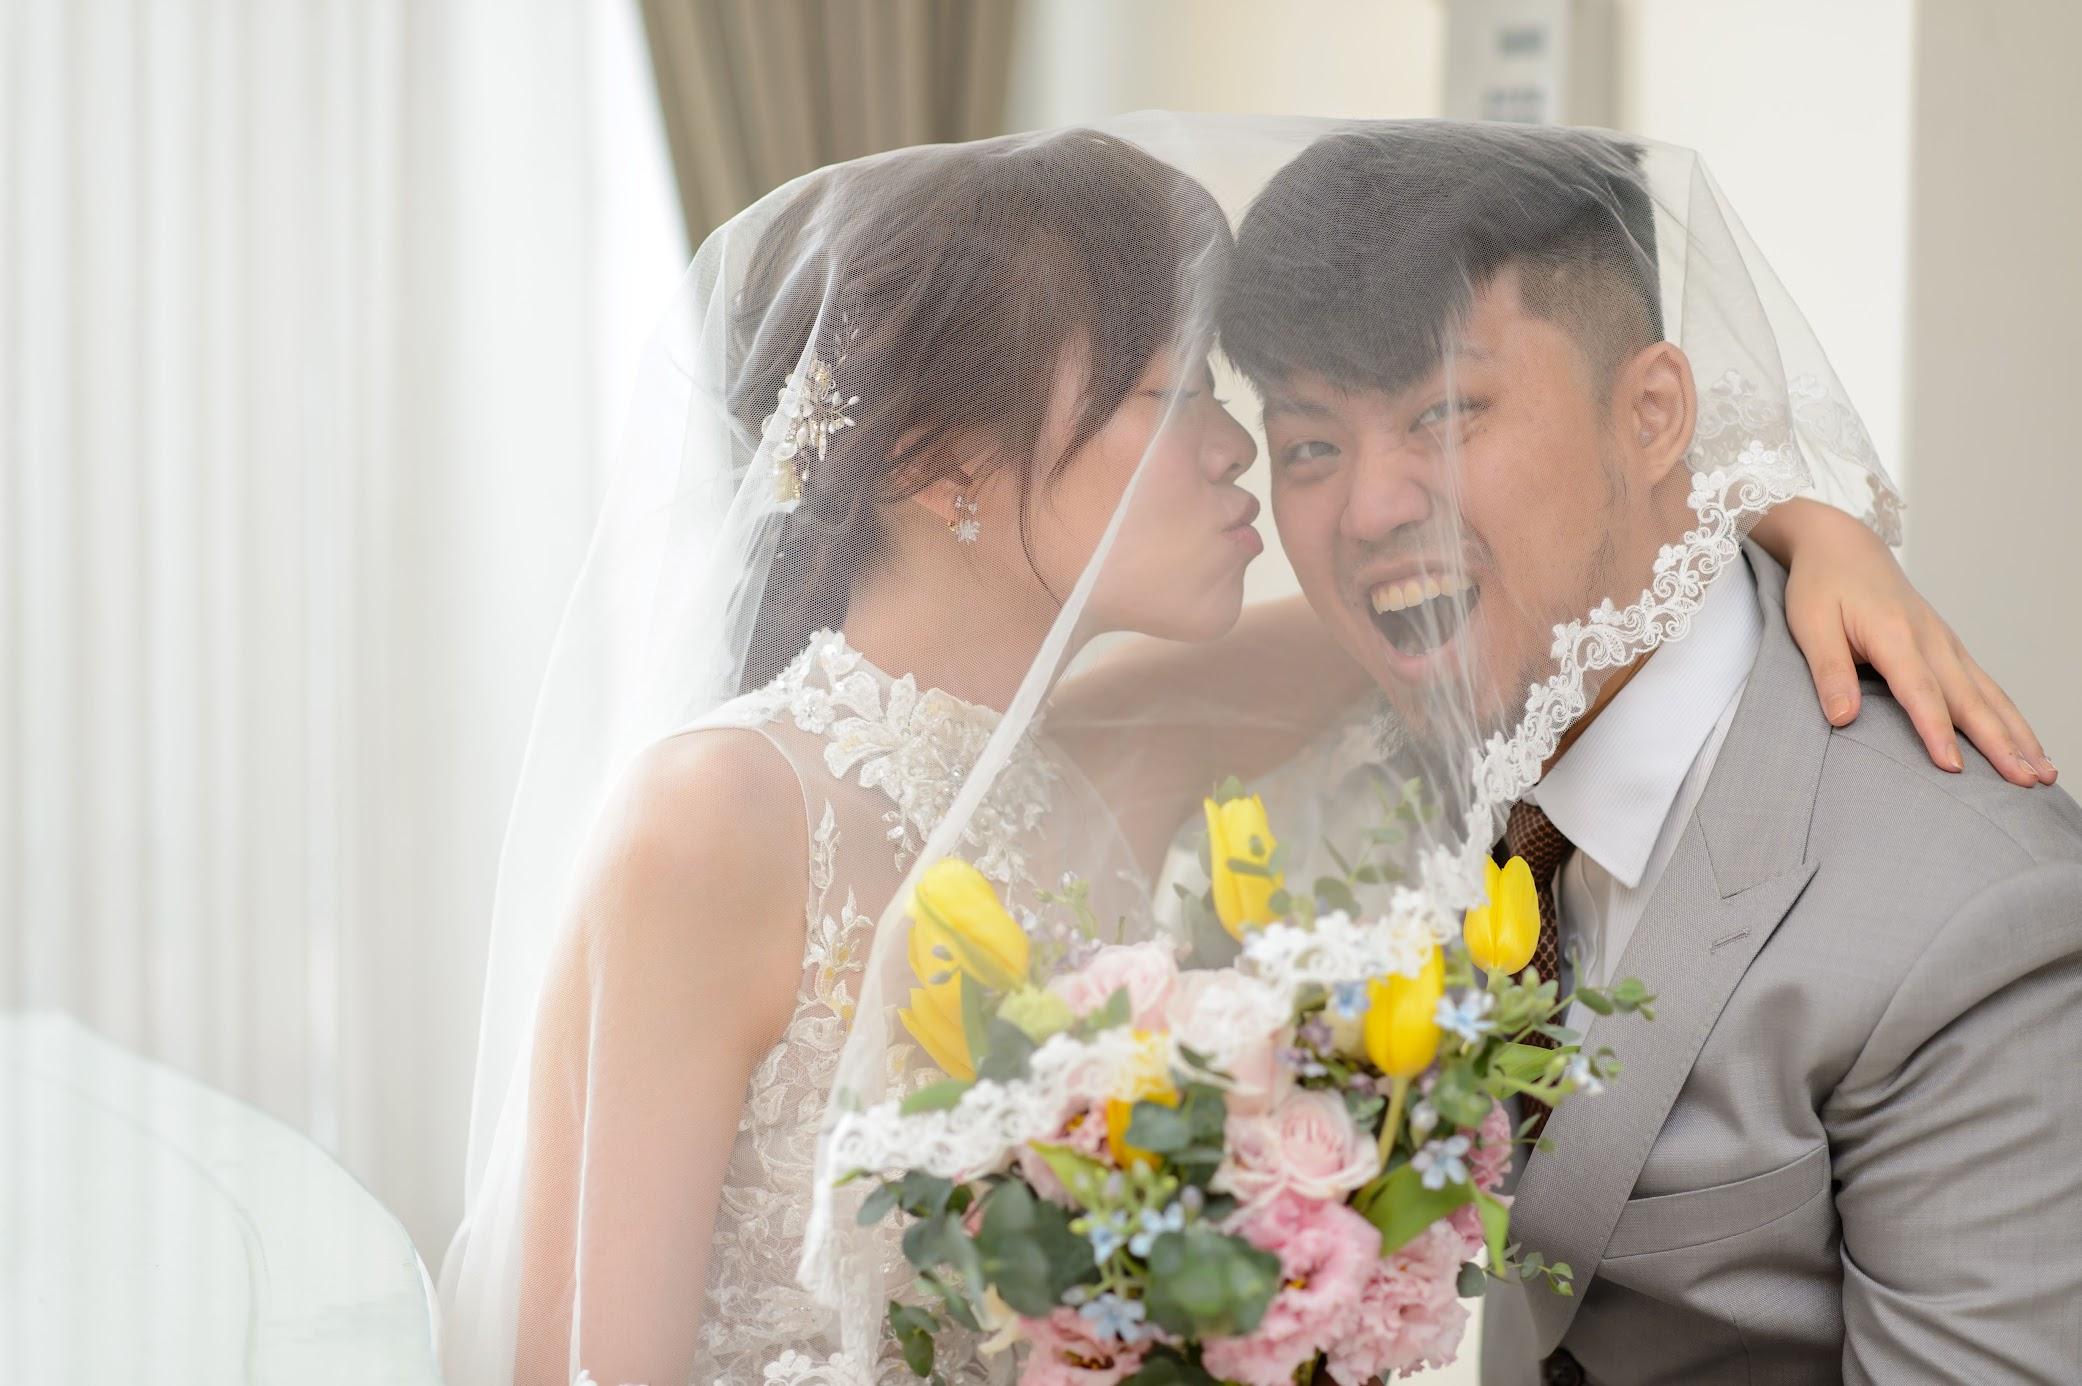 婚攝作品 | Nick & Erin @顏氏牧場午宴(上)婚禮紀錄